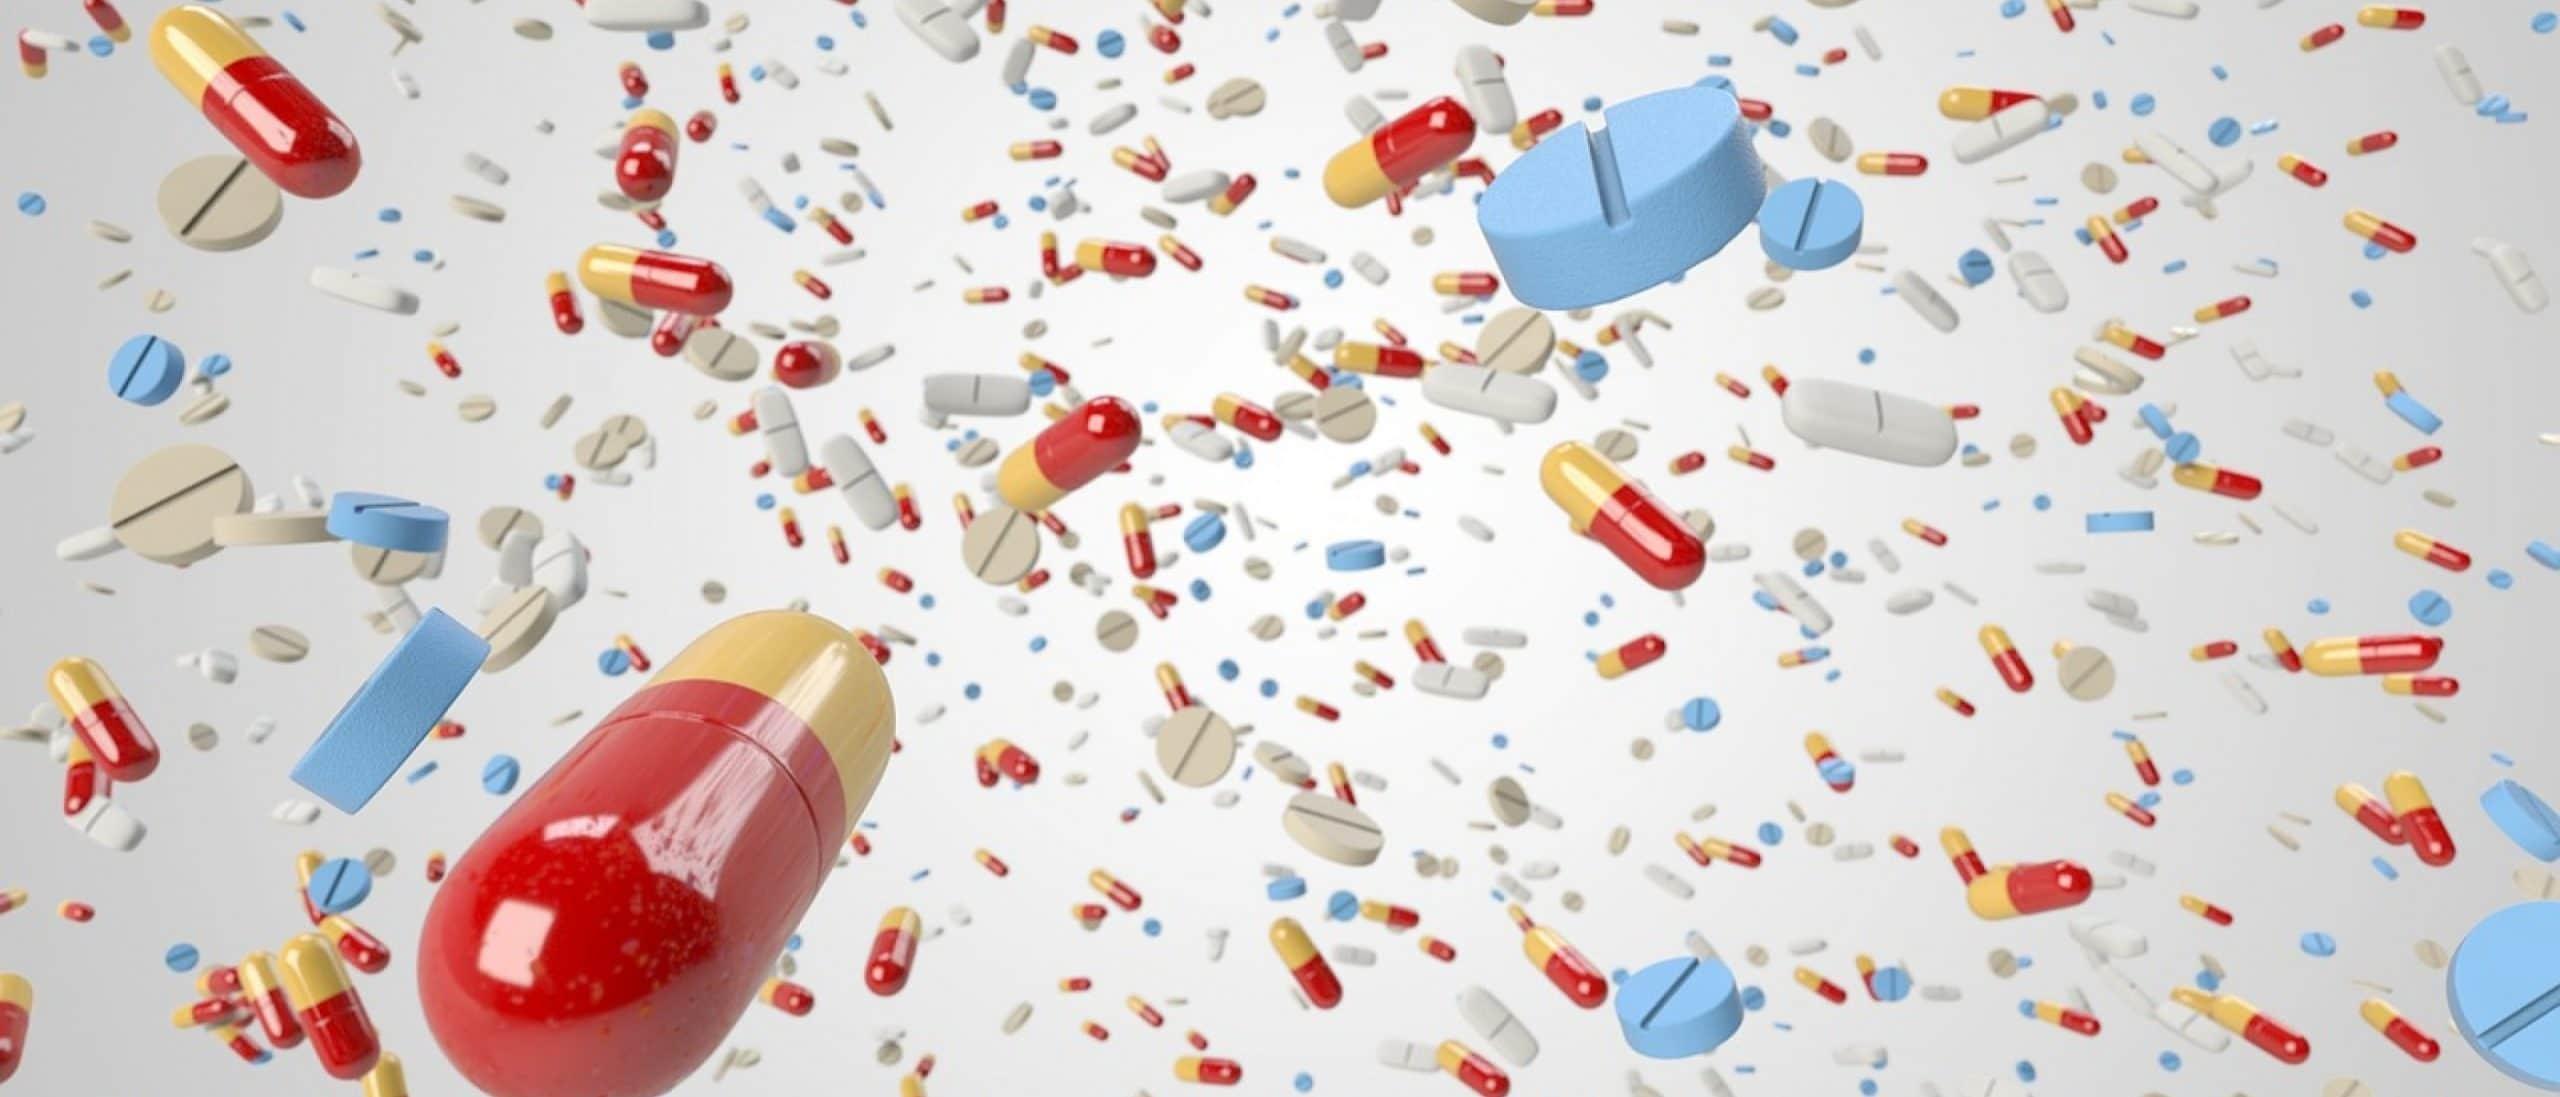 Covid-19. Carenza farmaceutica: La catena spezzata di Cina e India